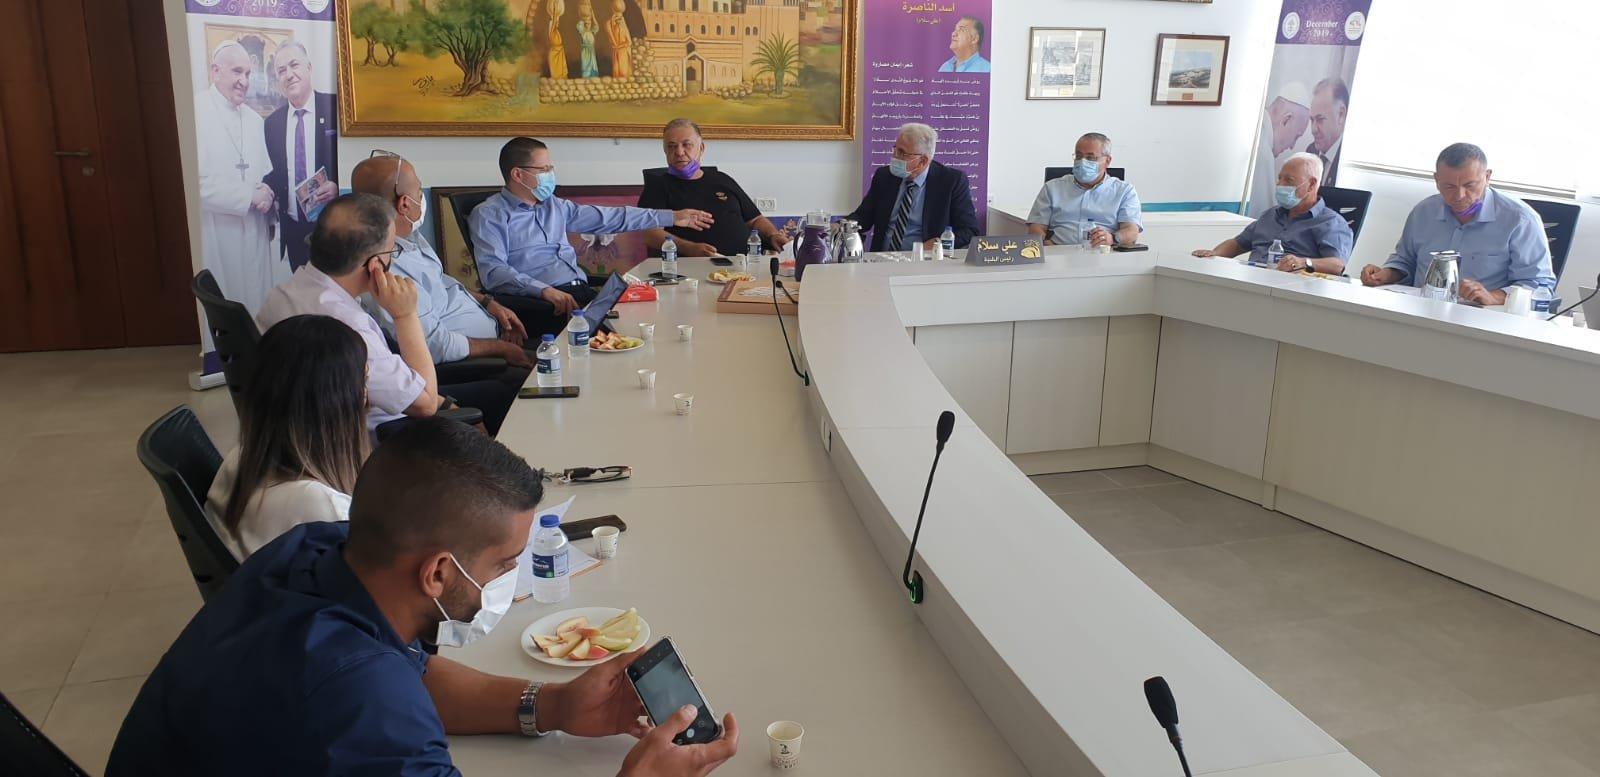 انطلاق مشروع المدارس الآمنة من الكورونا في الناصرة-5